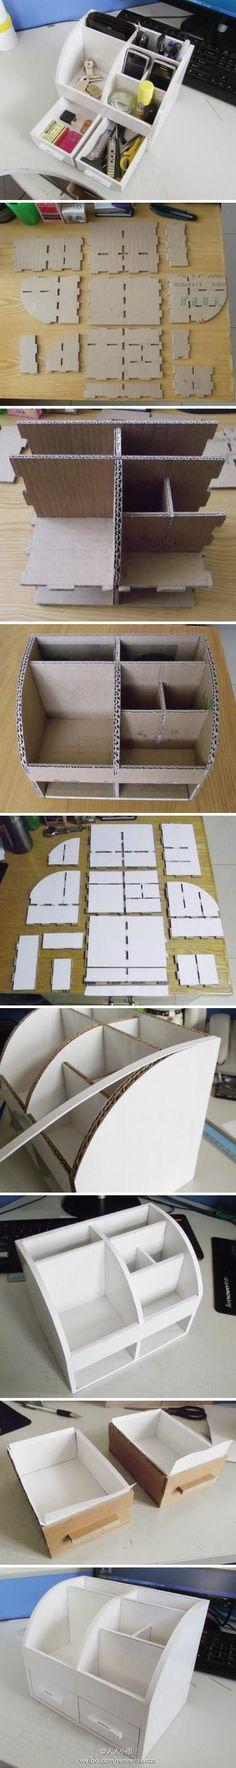 DIY Cardboard Organizer (BIG)DIY Long Cardboard Organizer for your Craft SuppliesMaterials used: cardboard white cardboa Cardboard Furniture, Cardboard Crafts, Diy Furniture, Cardboard Boxes, Desk Organization Diy, Diy Storage, Diy Organizer, Storage Ideas, Craft Desk